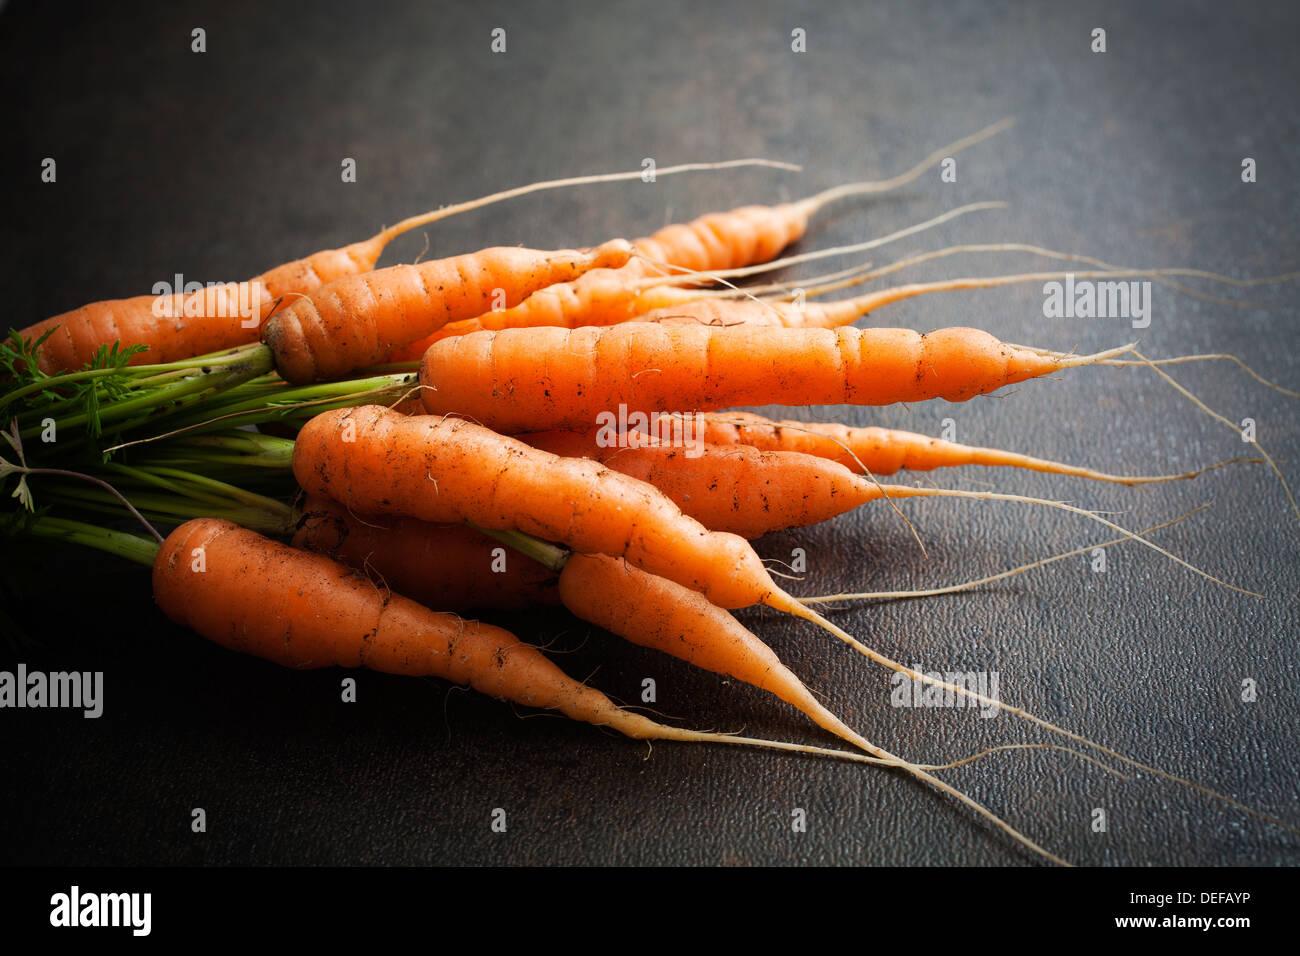 Handvoll frische Karotten auf dunklem Hintergrund Stockfoto